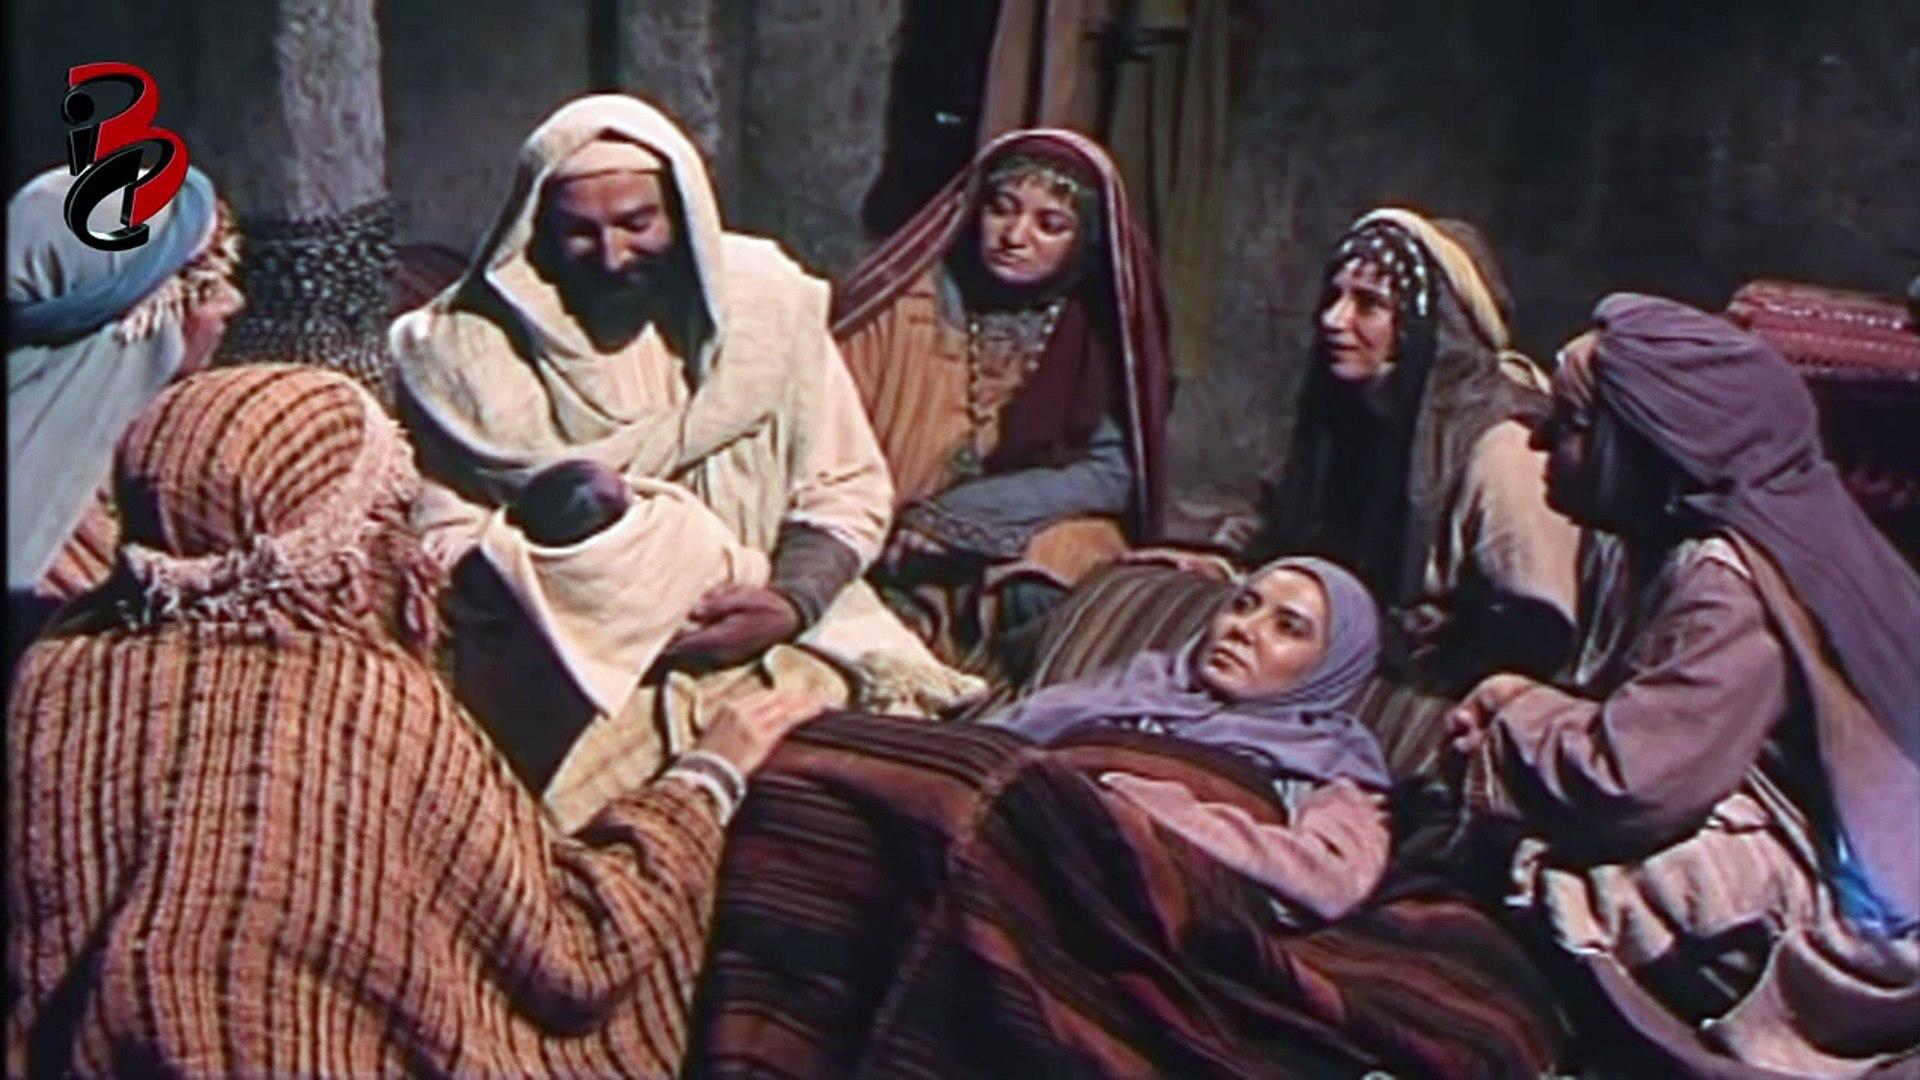 مسلسل النبي يوسف الصديق (عربي) - الحلقة 2 - A section of the story of Prophet Yusuf full story soon